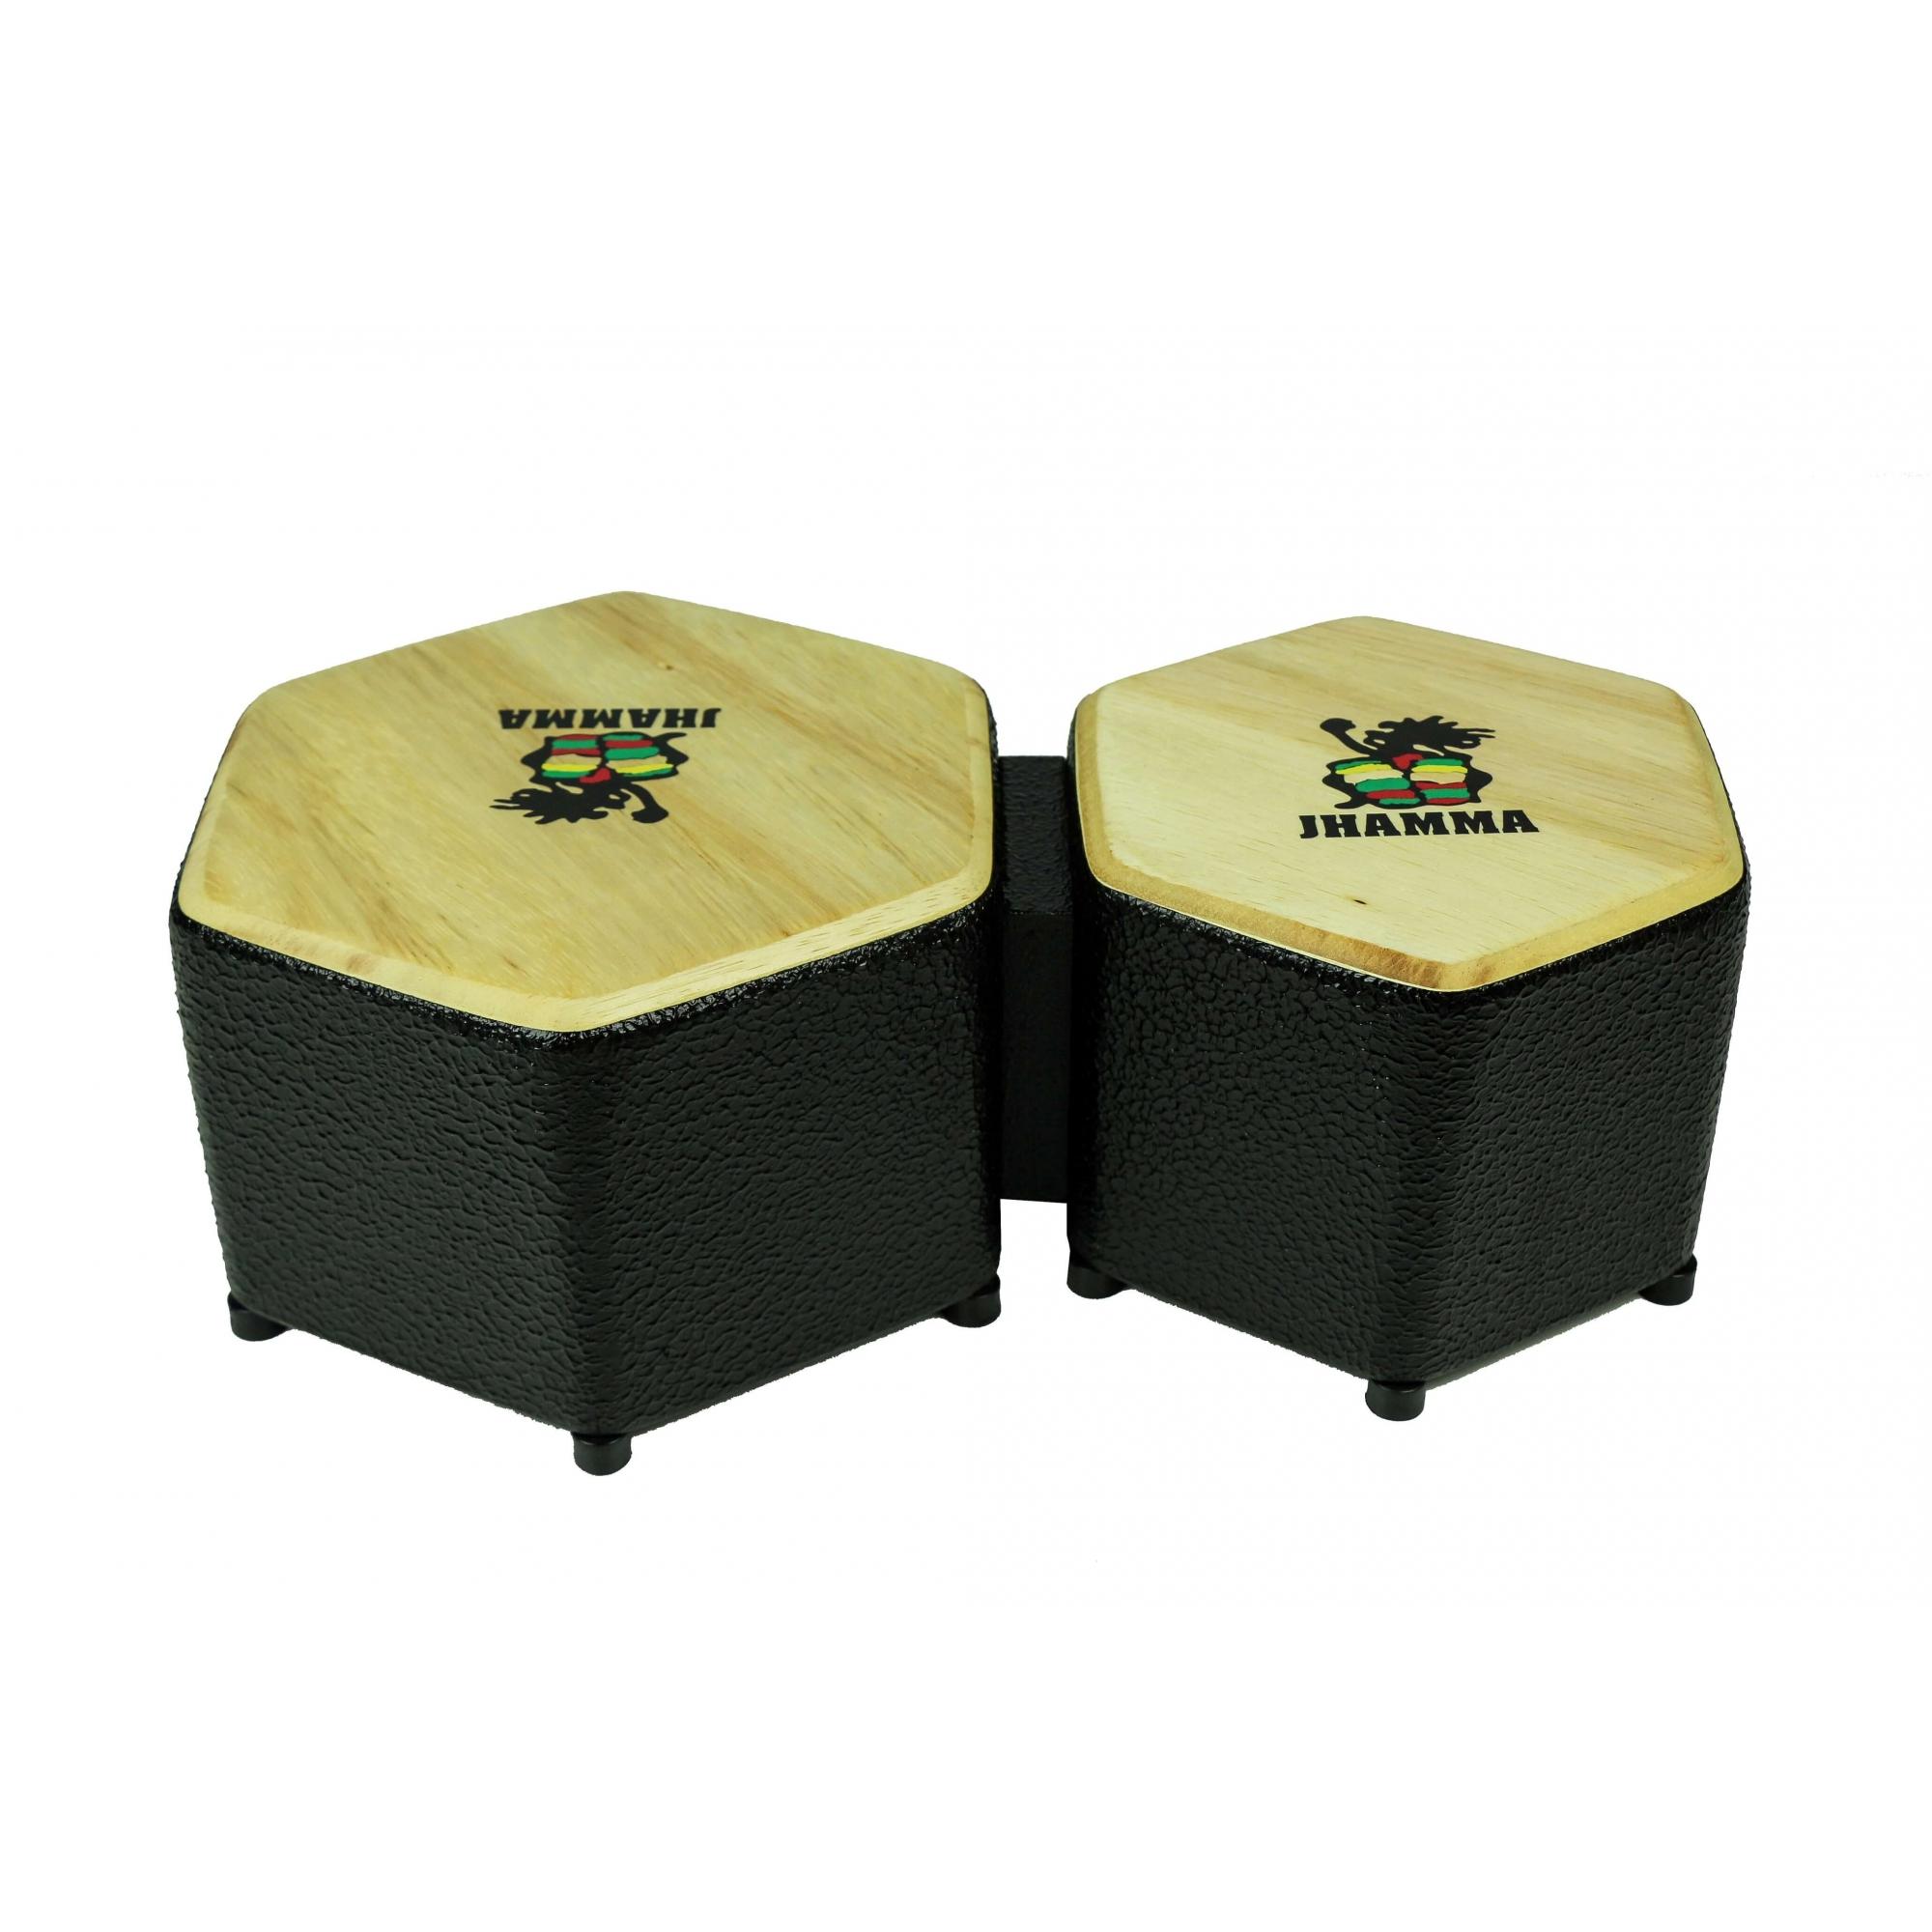 Bongô Hexagonal + Bag de Transporte Jhamma Percussões Black